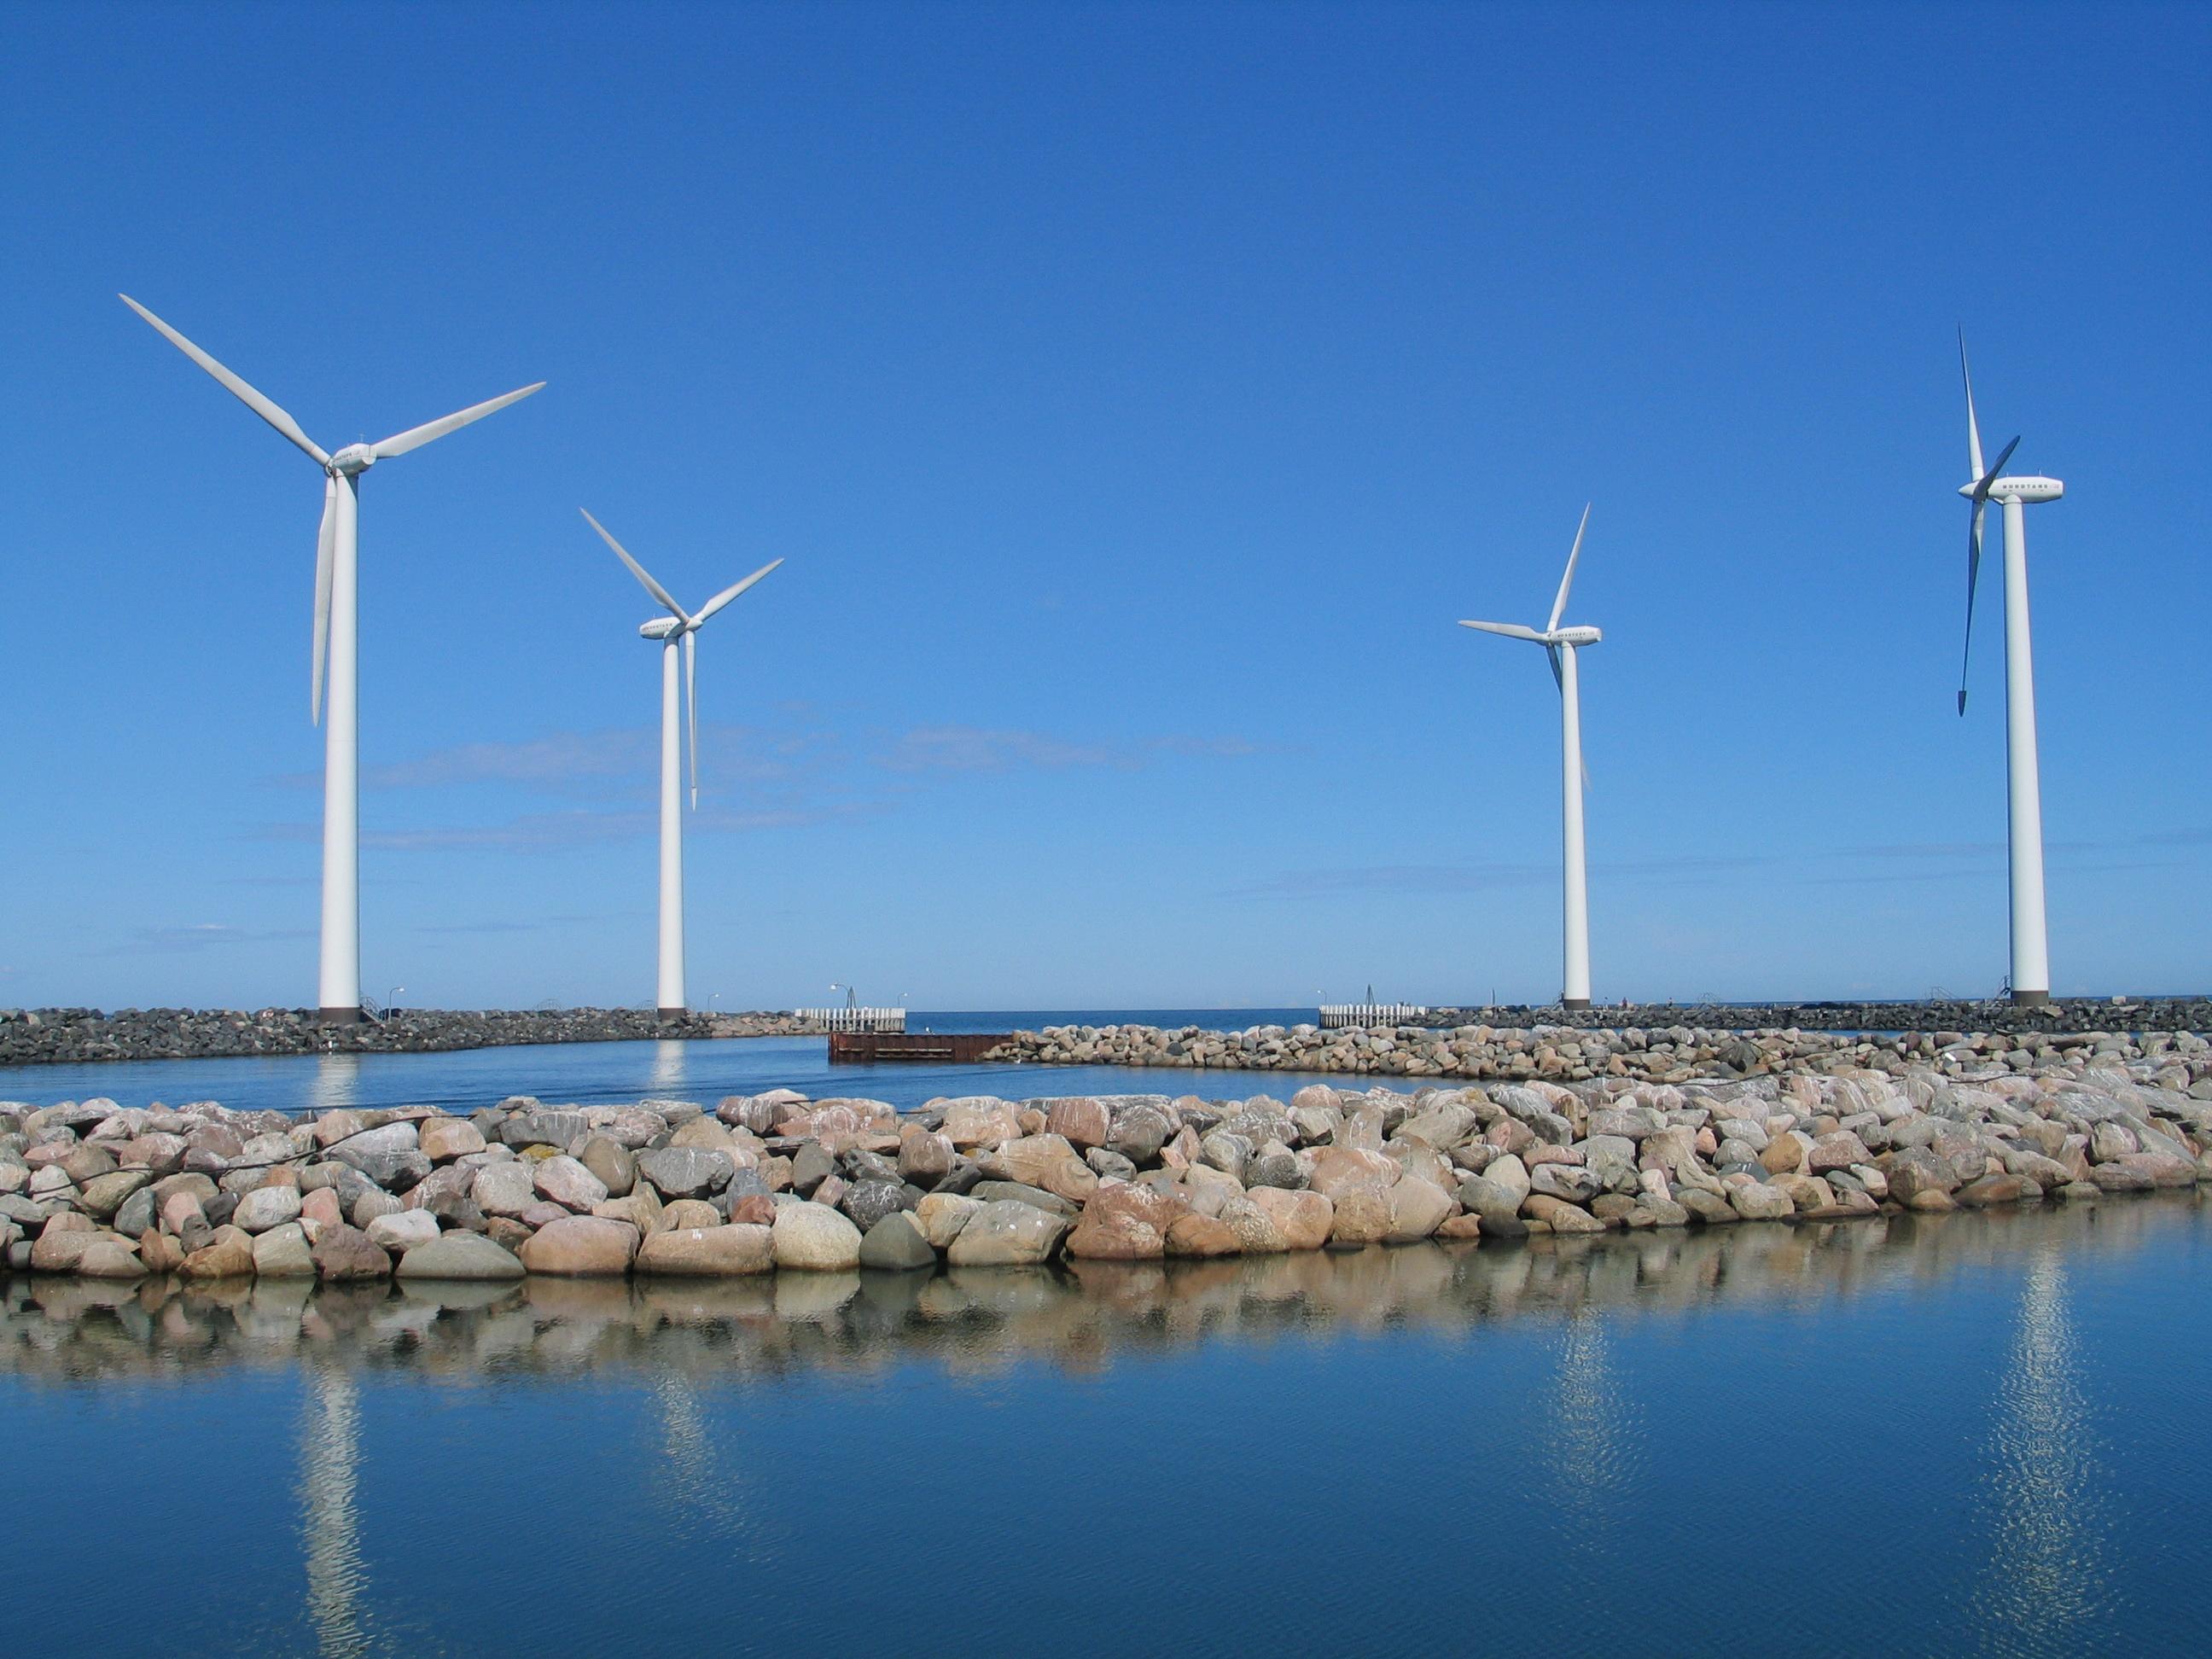 vindmøller wiki